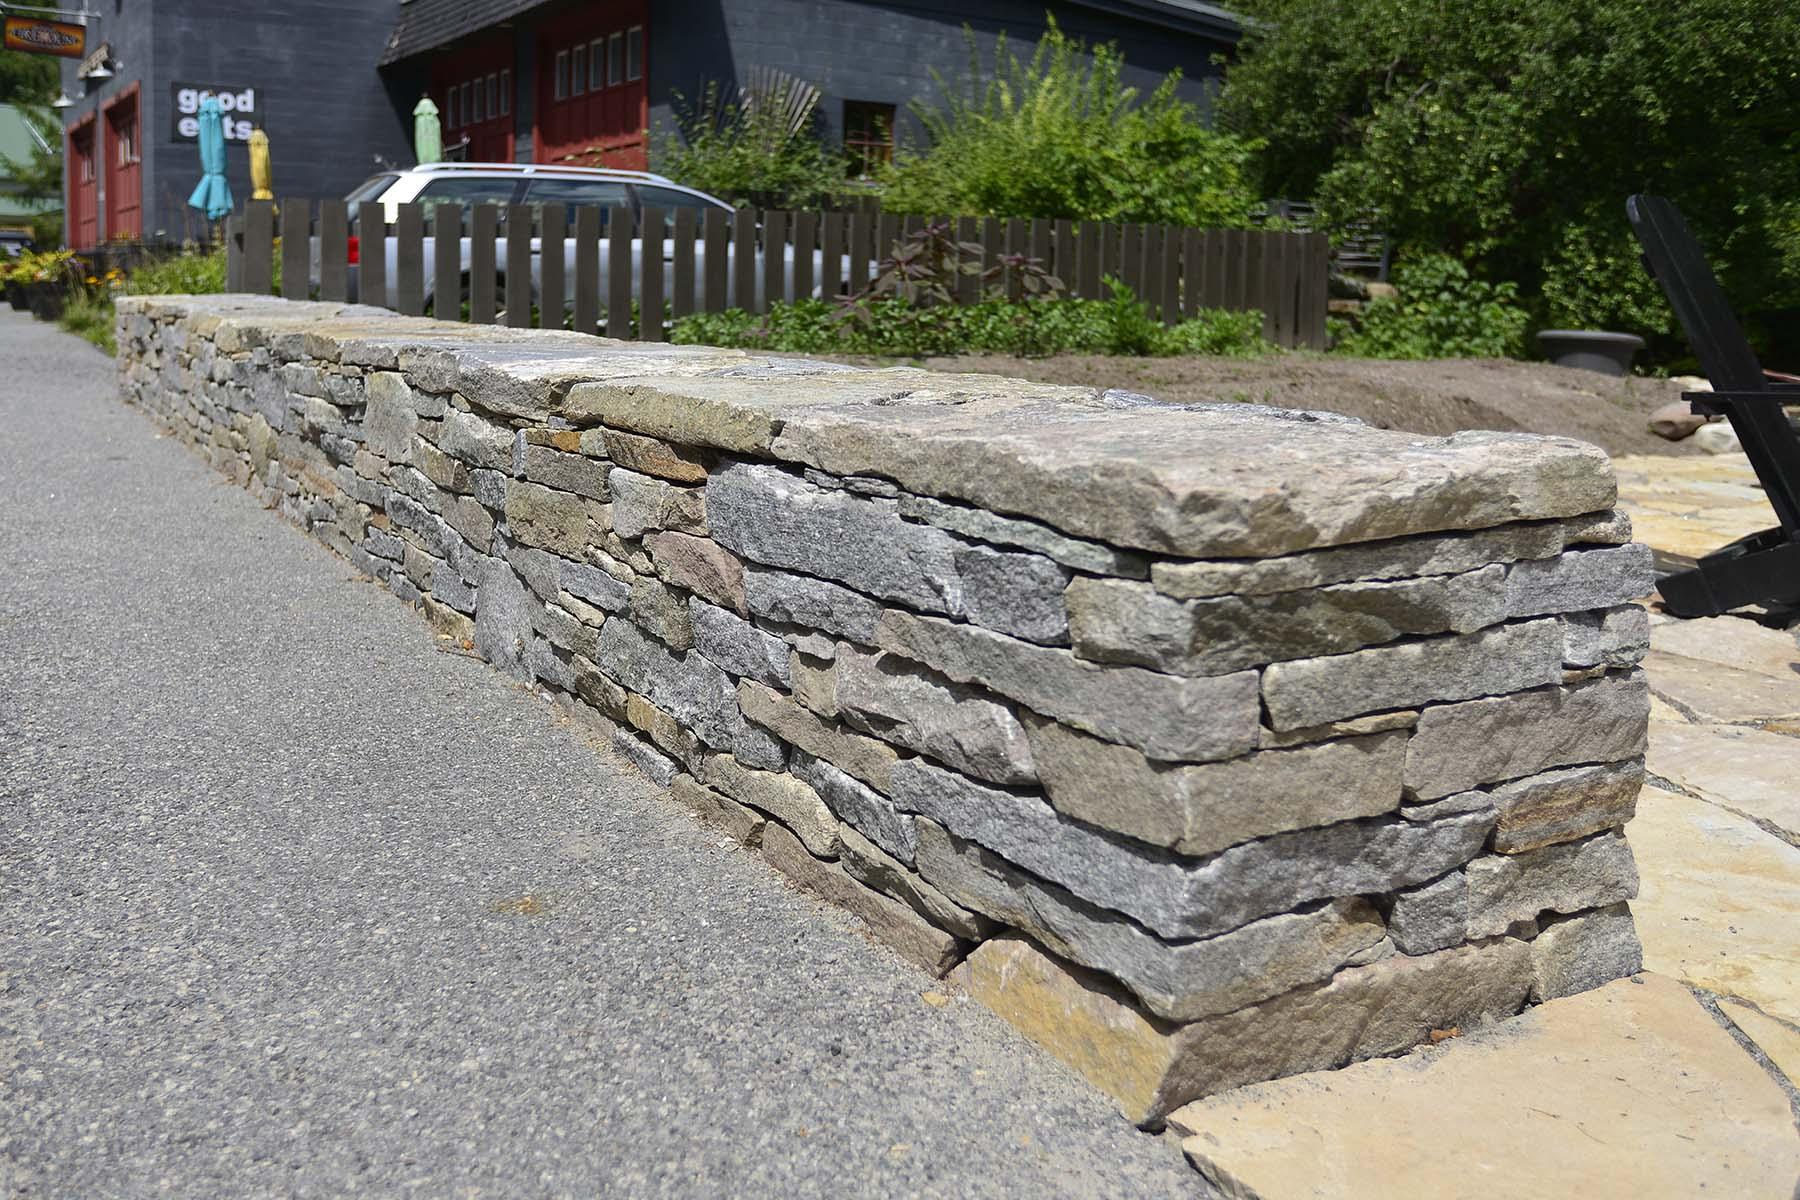 natural stone Ticonderoga granite wall outside business